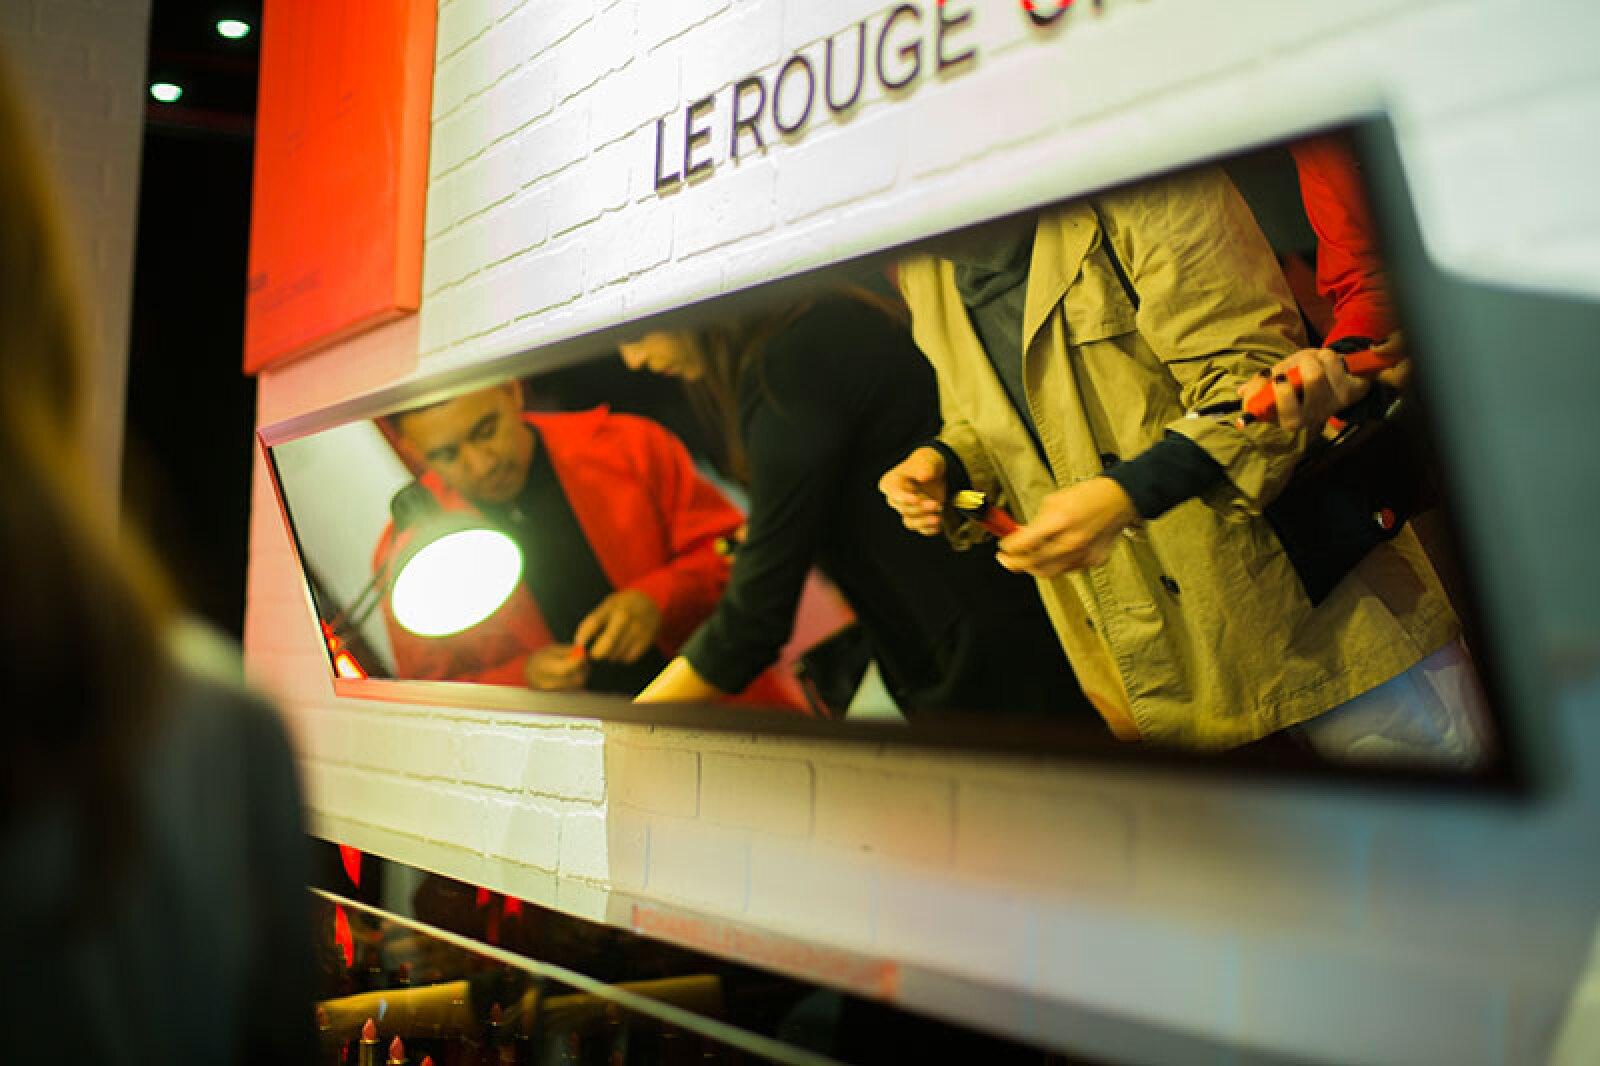 Chanel-Le-Rouge-Pop-Up-1